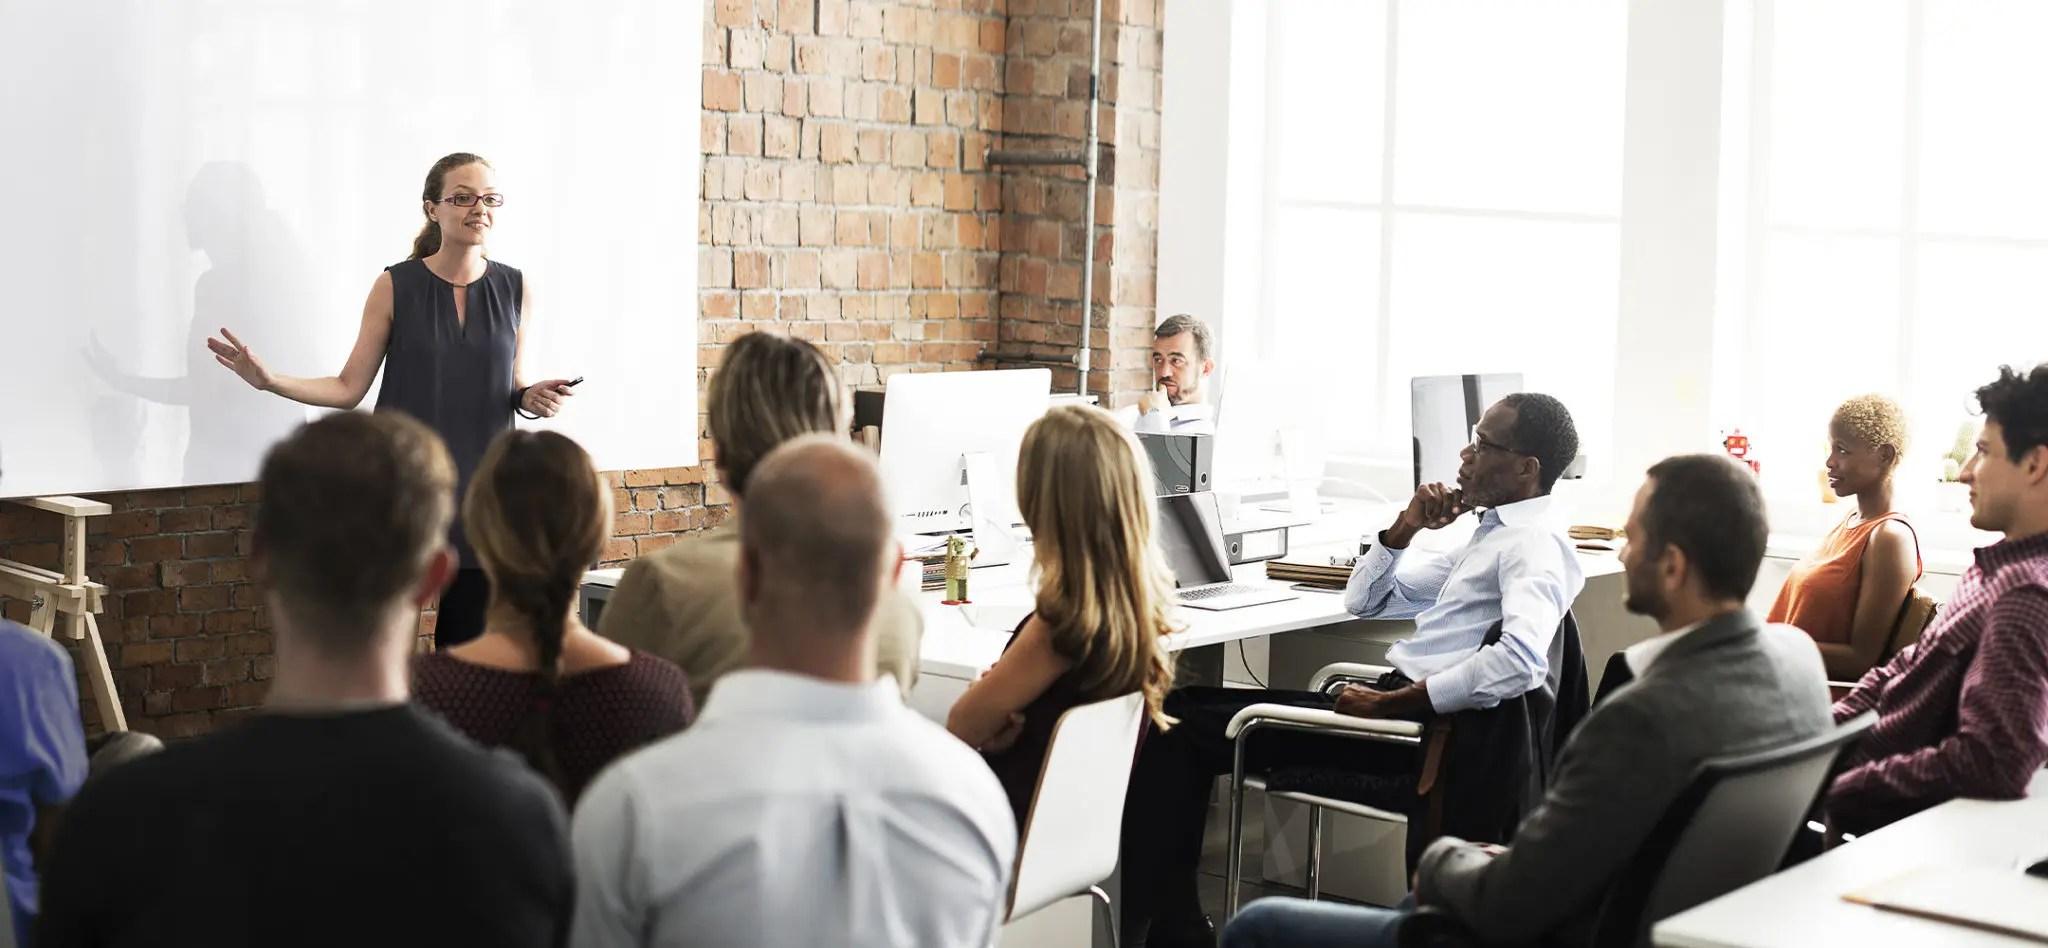 Business team listening to an entrepreneur speak.